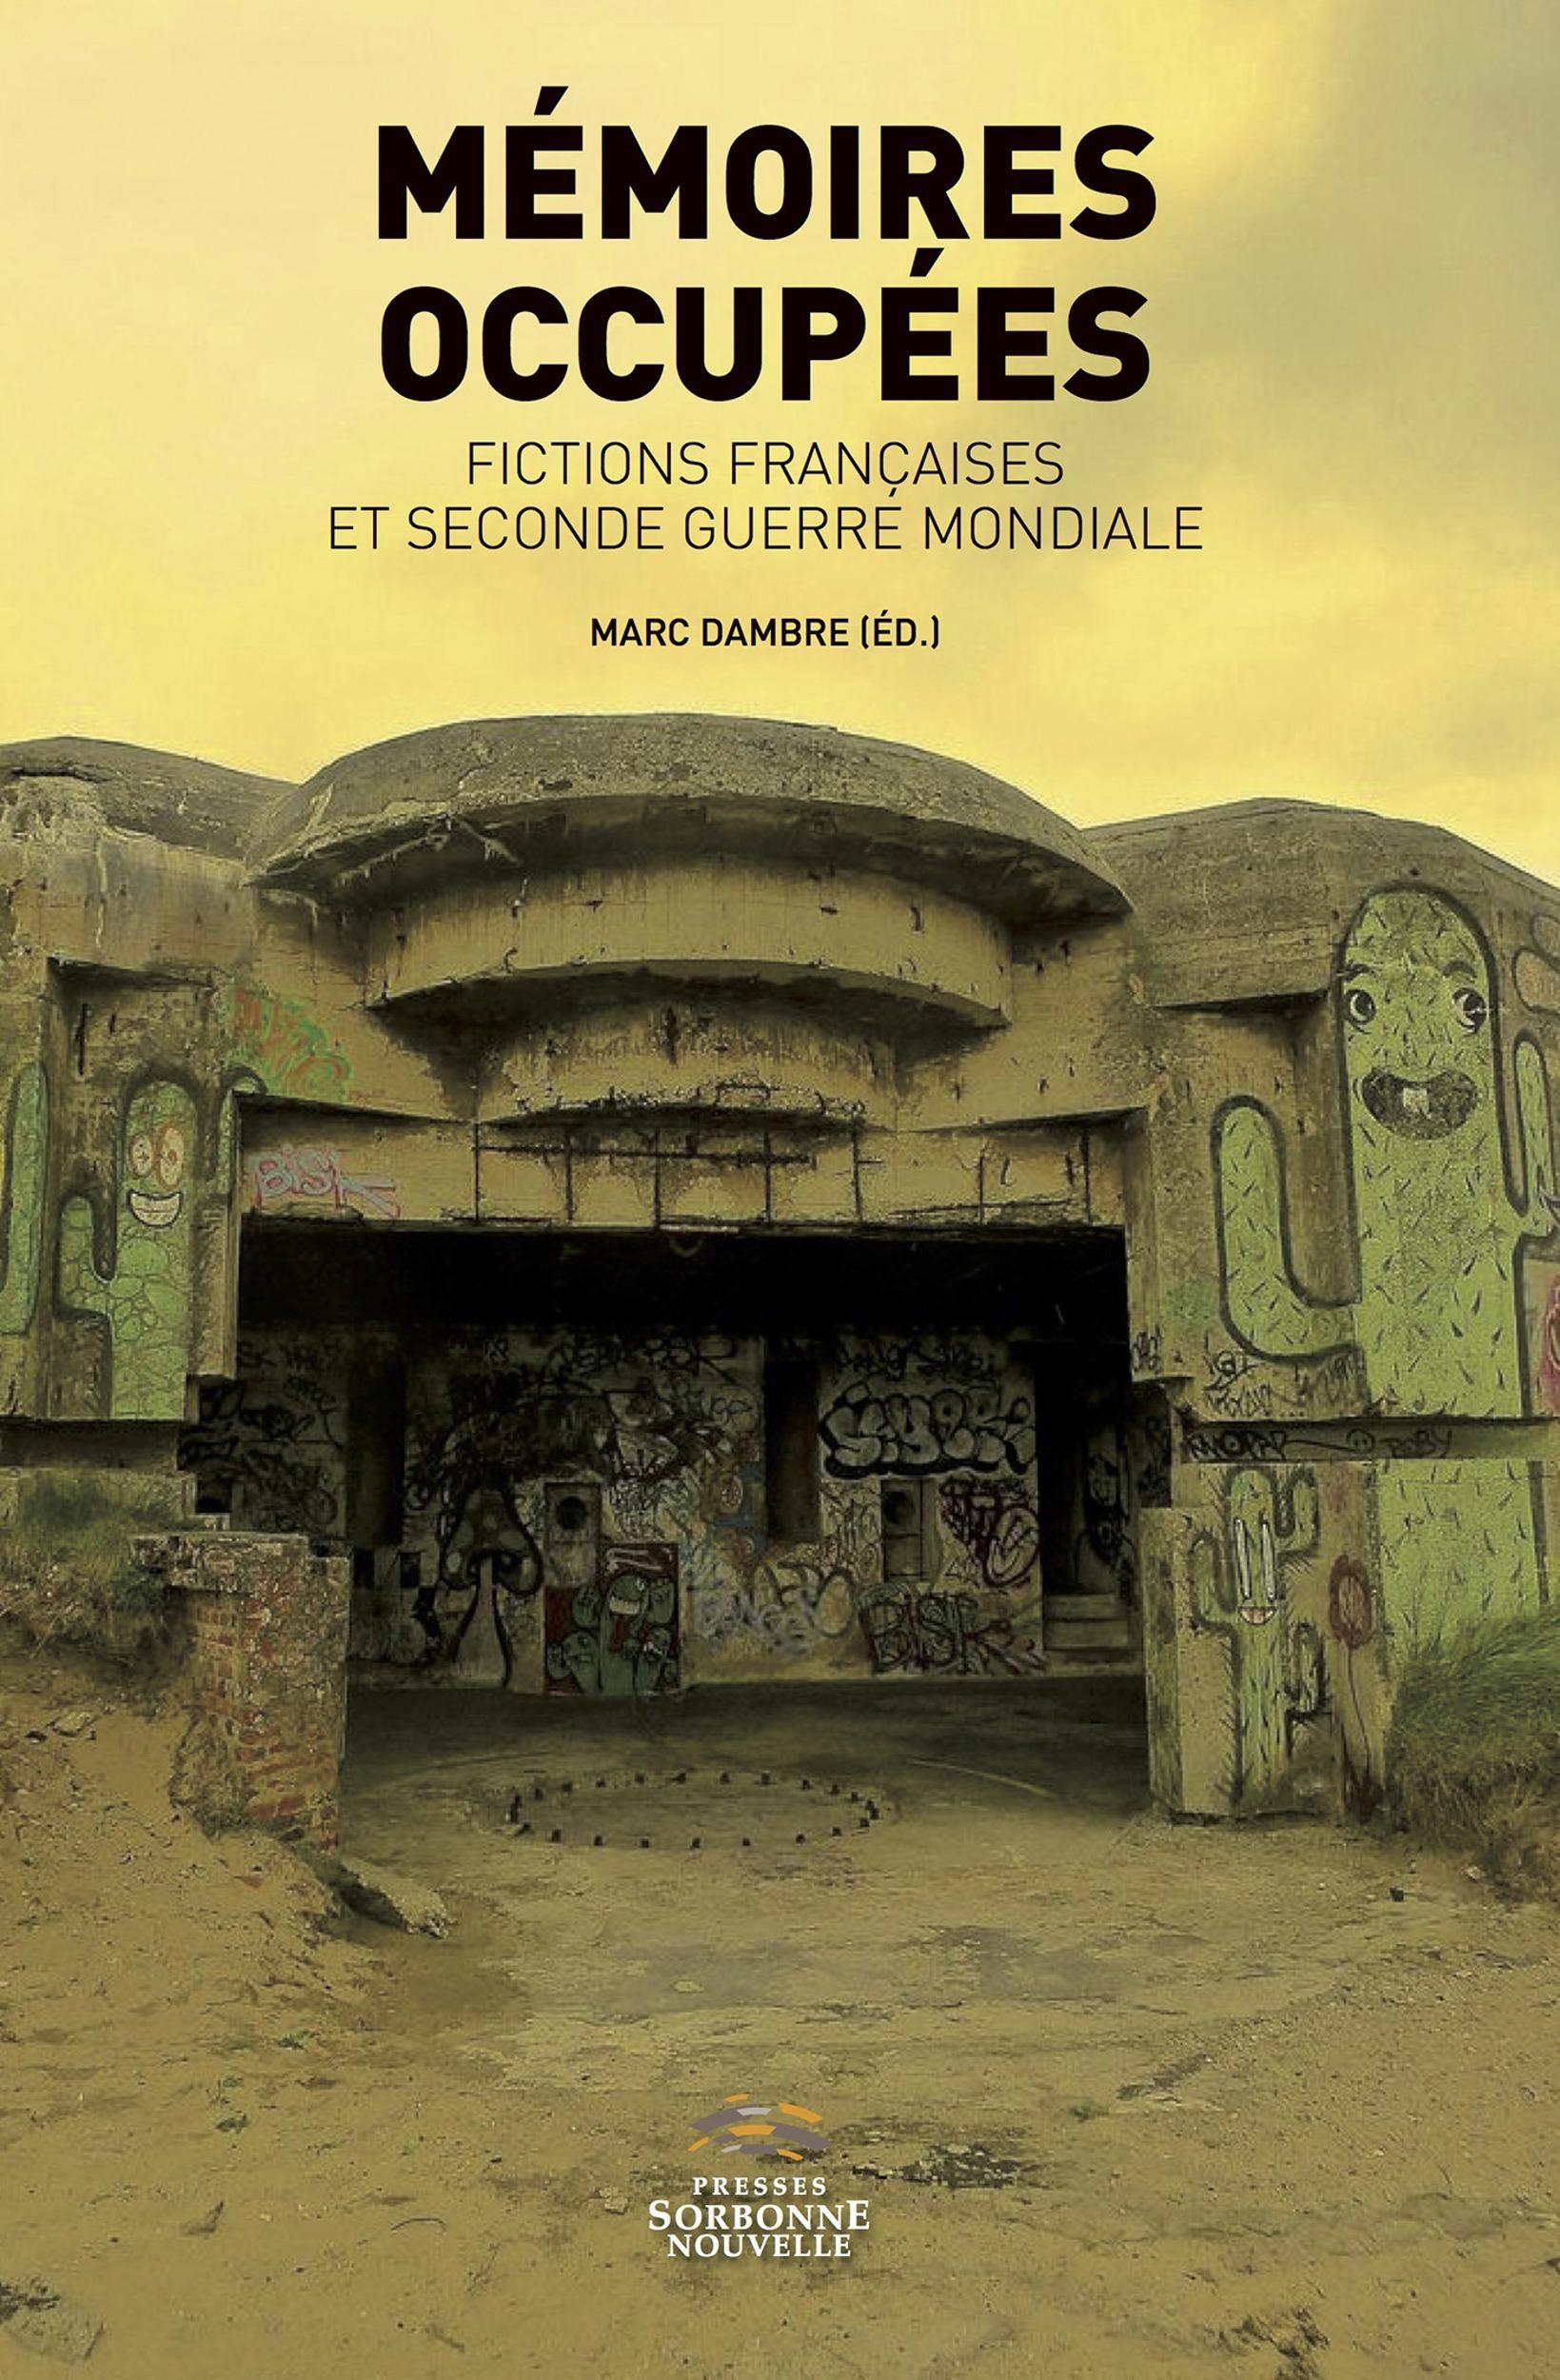 Memoires occupees. fictions francaises et seconde guerre mondiale